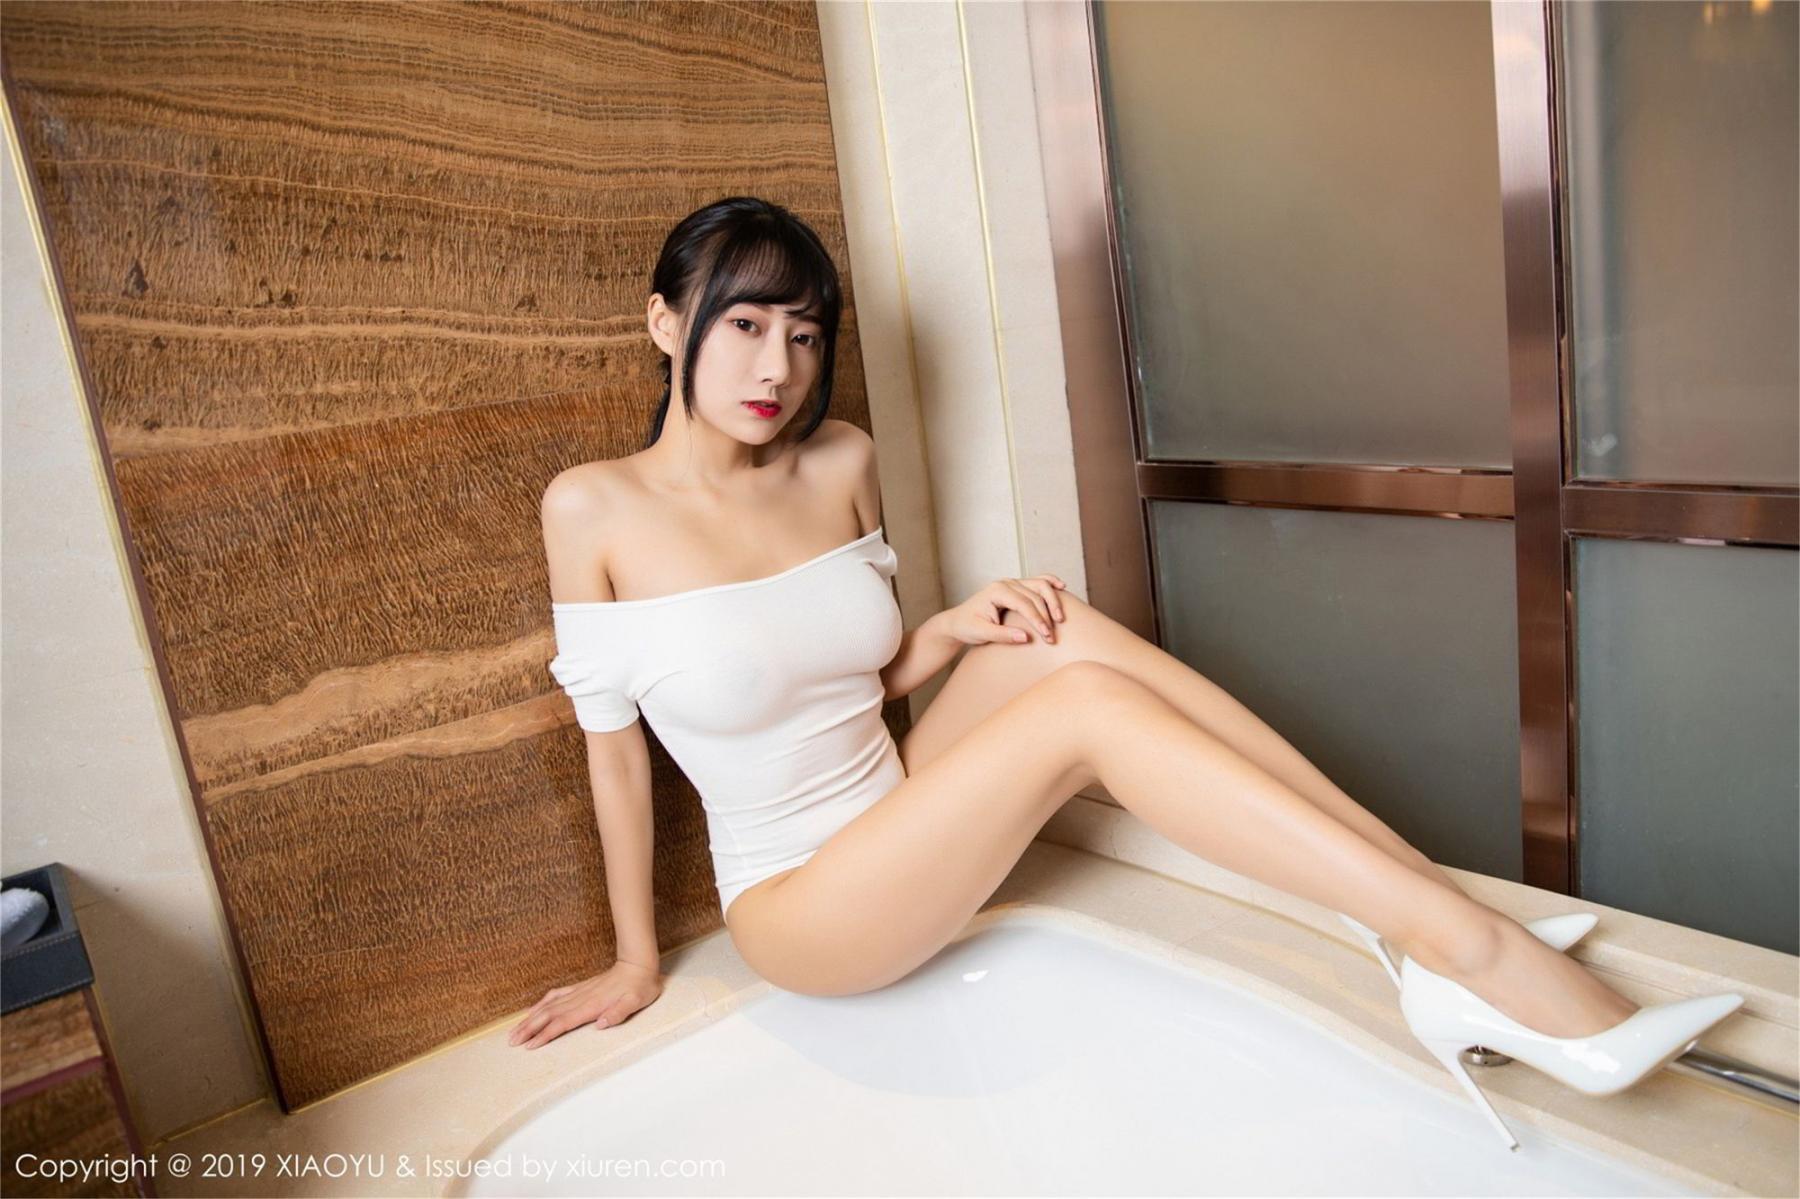 [XiaoYu] Vol.116 He Jia Ying 14P, Bathroom, He Jia Ying, Wet, XiaoYu